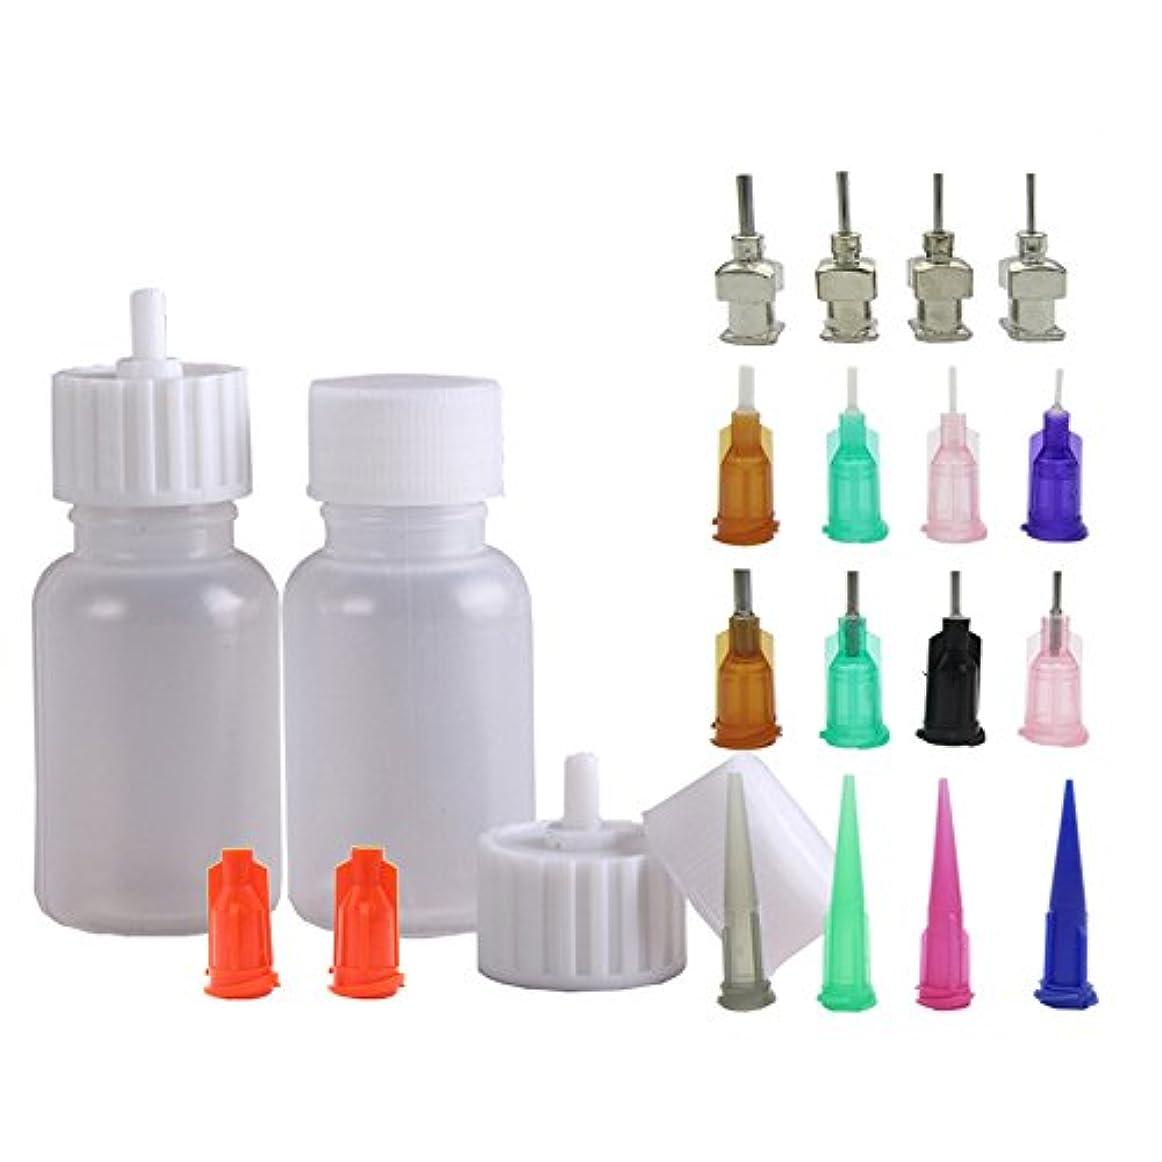 段階ご注意毒液ヘナタトゥー用ヘナコーン 保存用のアプリケーターボトル 多目的精密アプリケーター液体容器容器 ドロッパーボトル ニードルチップと蓋つ付き